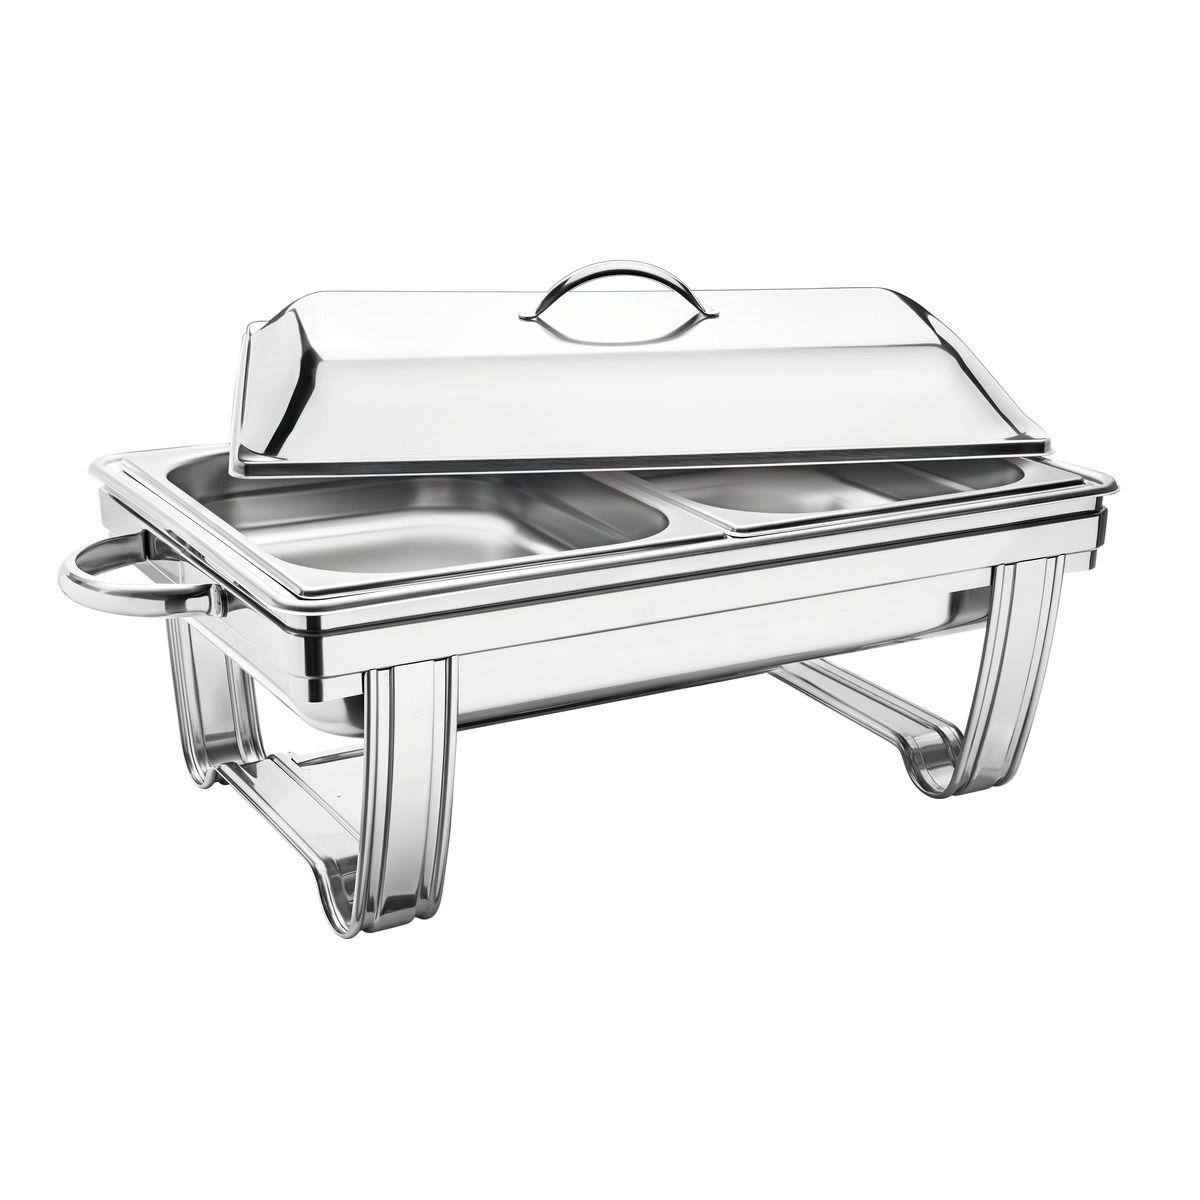 Rechaud banho-maria retangular com tampa removível aço inox 61047/023   Lojas Estrela